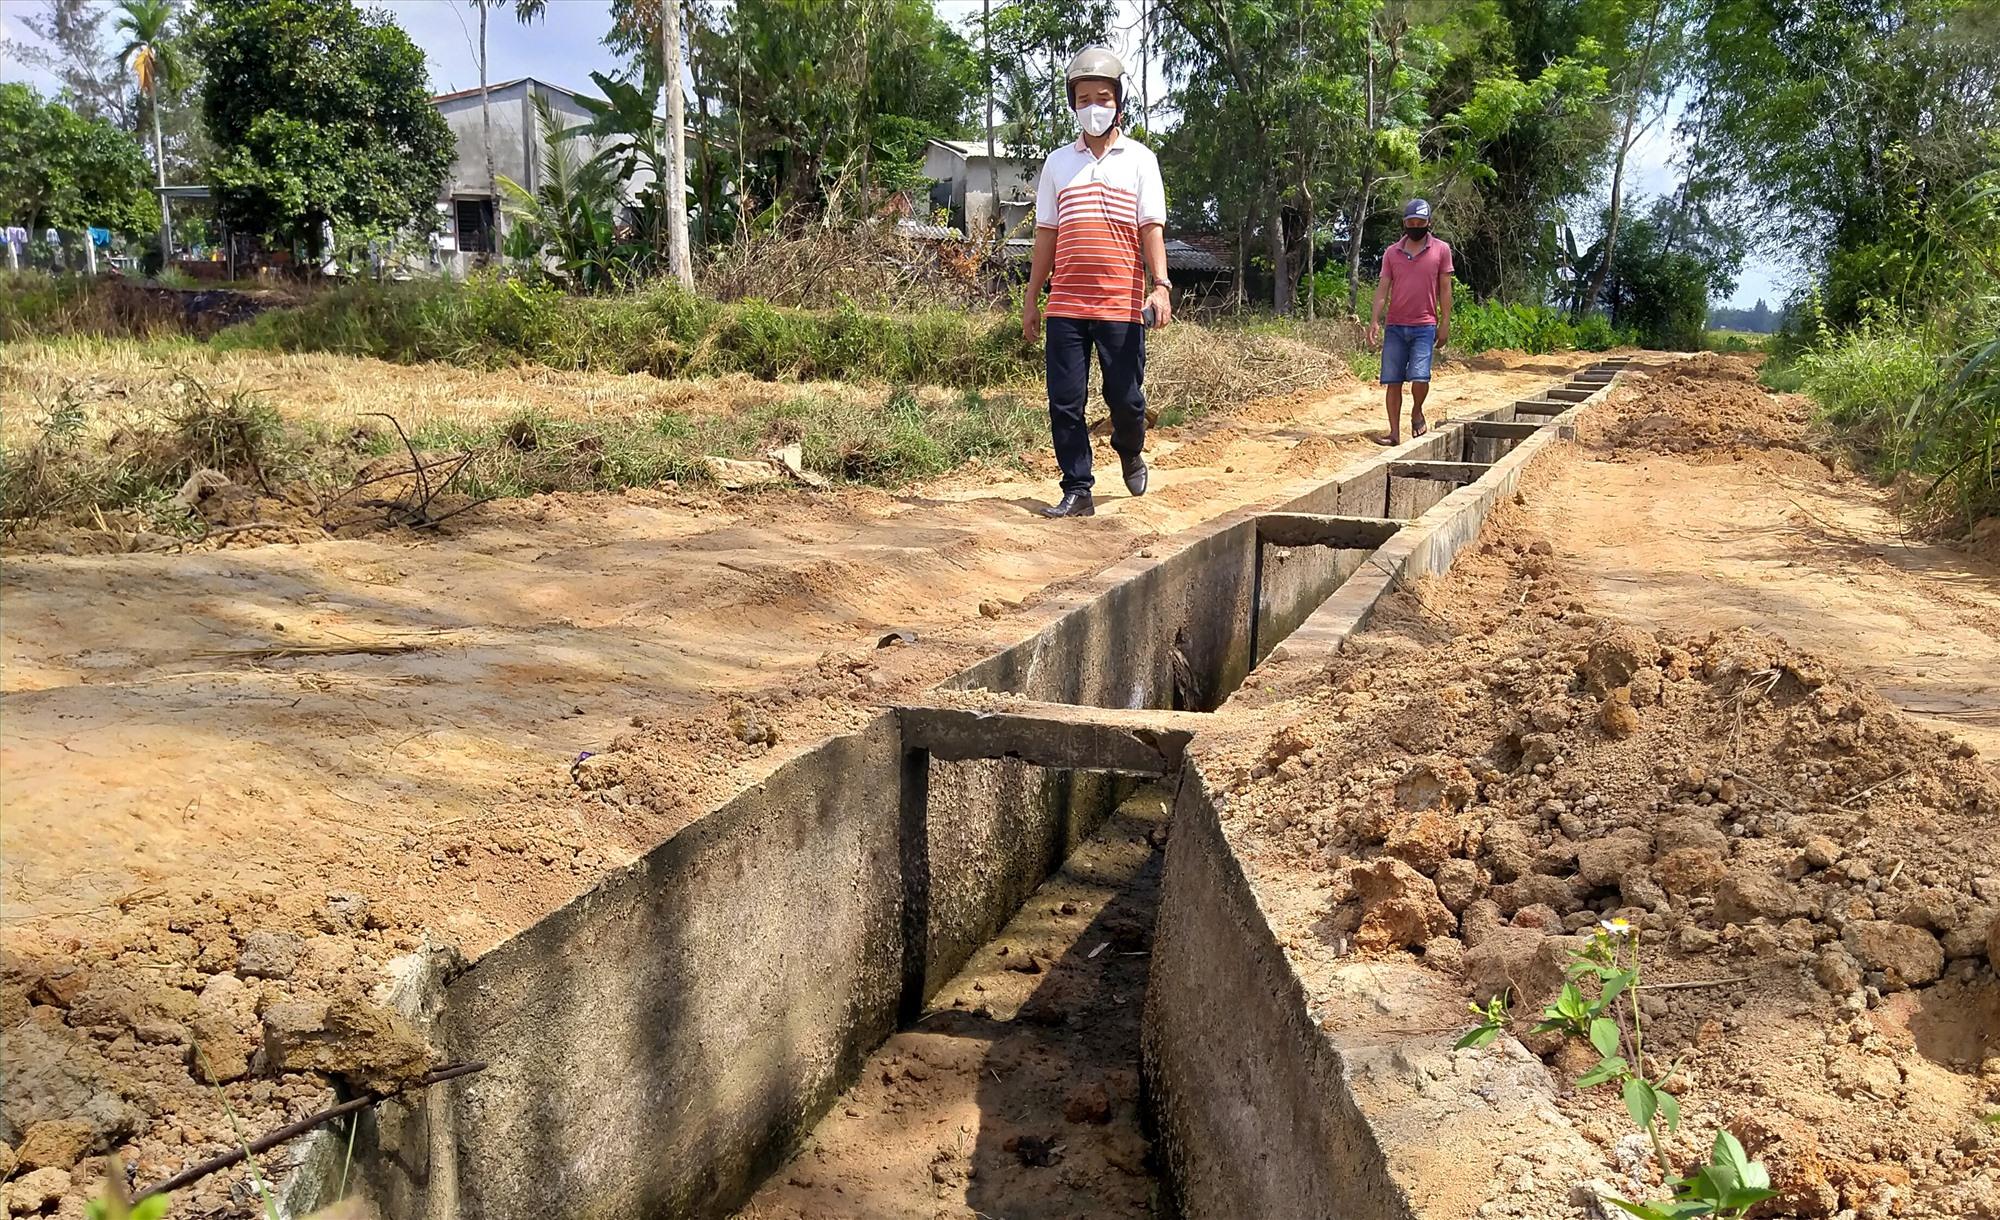 UBND xã Bình Tú ủy quyền cho ông Nguyễn Ánh Hùng tận thu đất ruộng tại cánh đồng Ba Canh để san lấp nền lề hai bên tuyến kênh thủy lợi. Ảnh: H.G